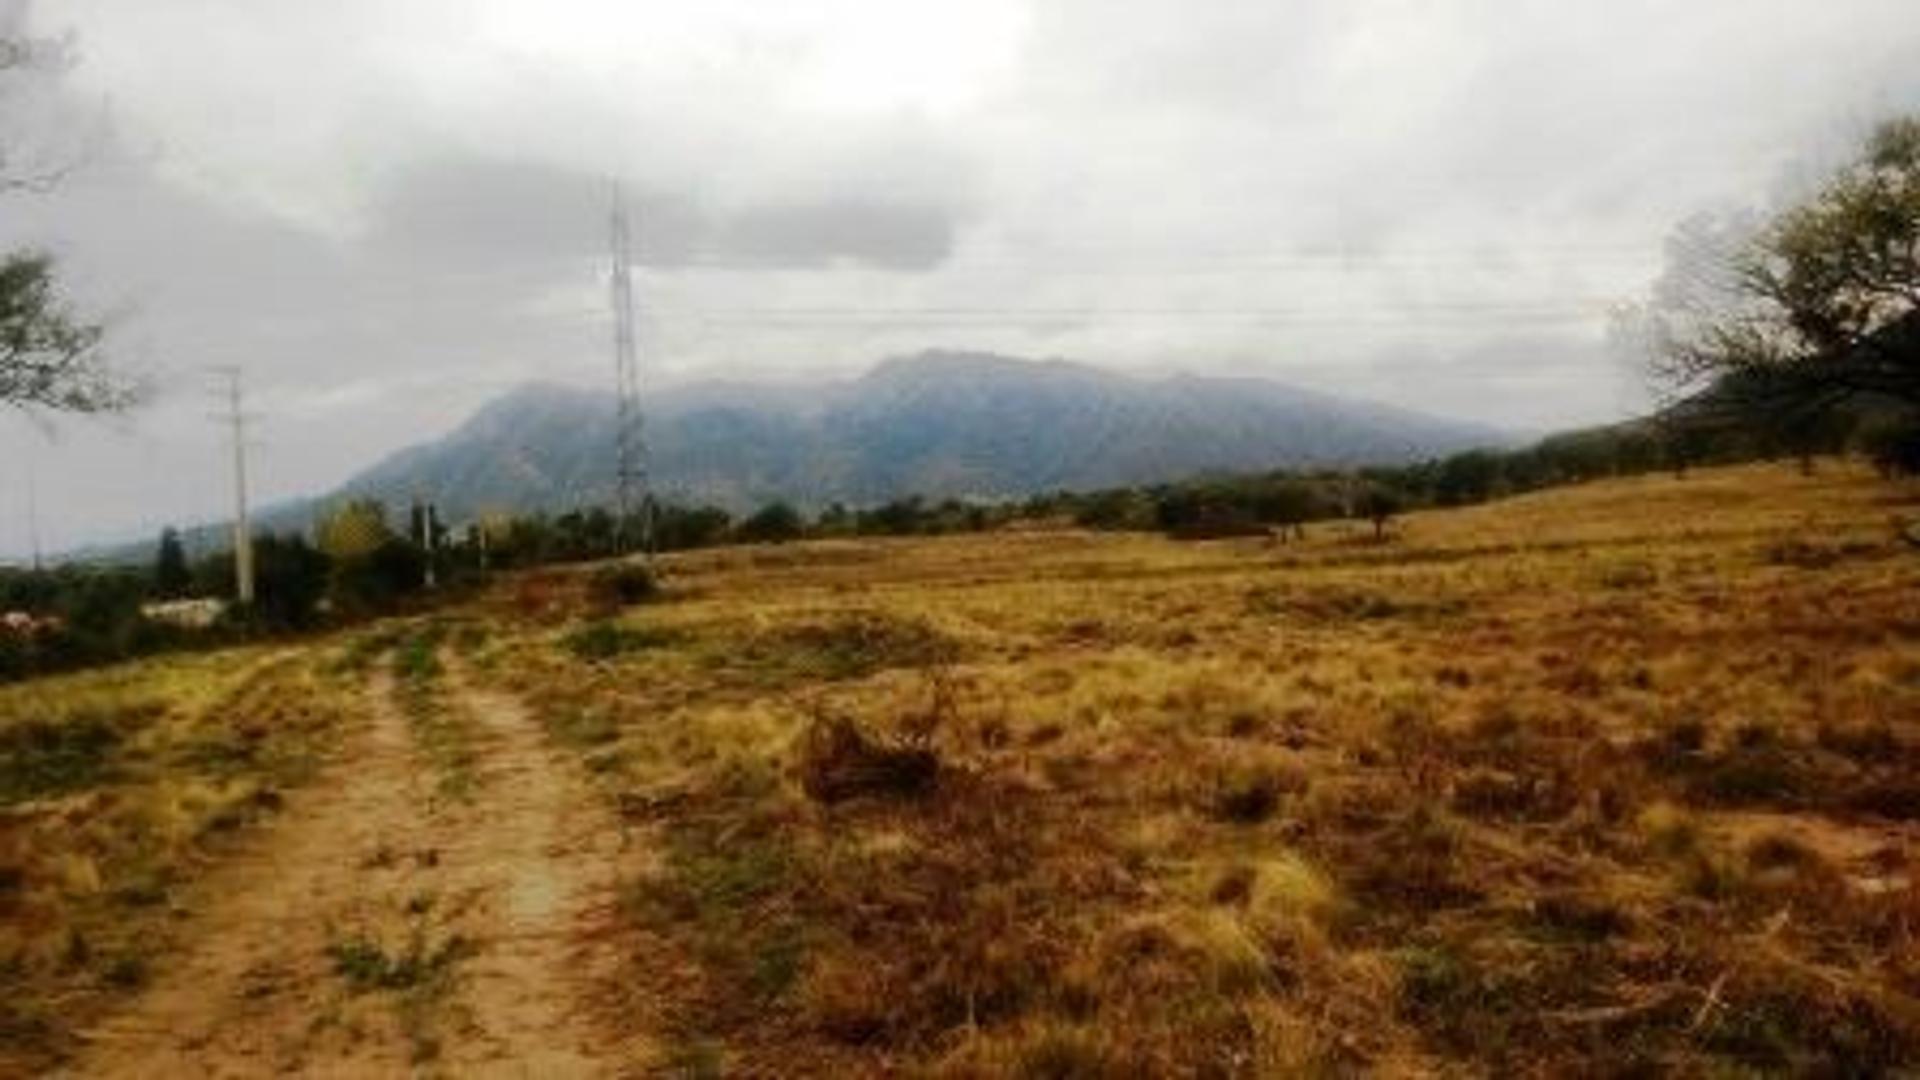 Excelente 3 hectareas sobre Autopista 25 de Mayo Imperdible